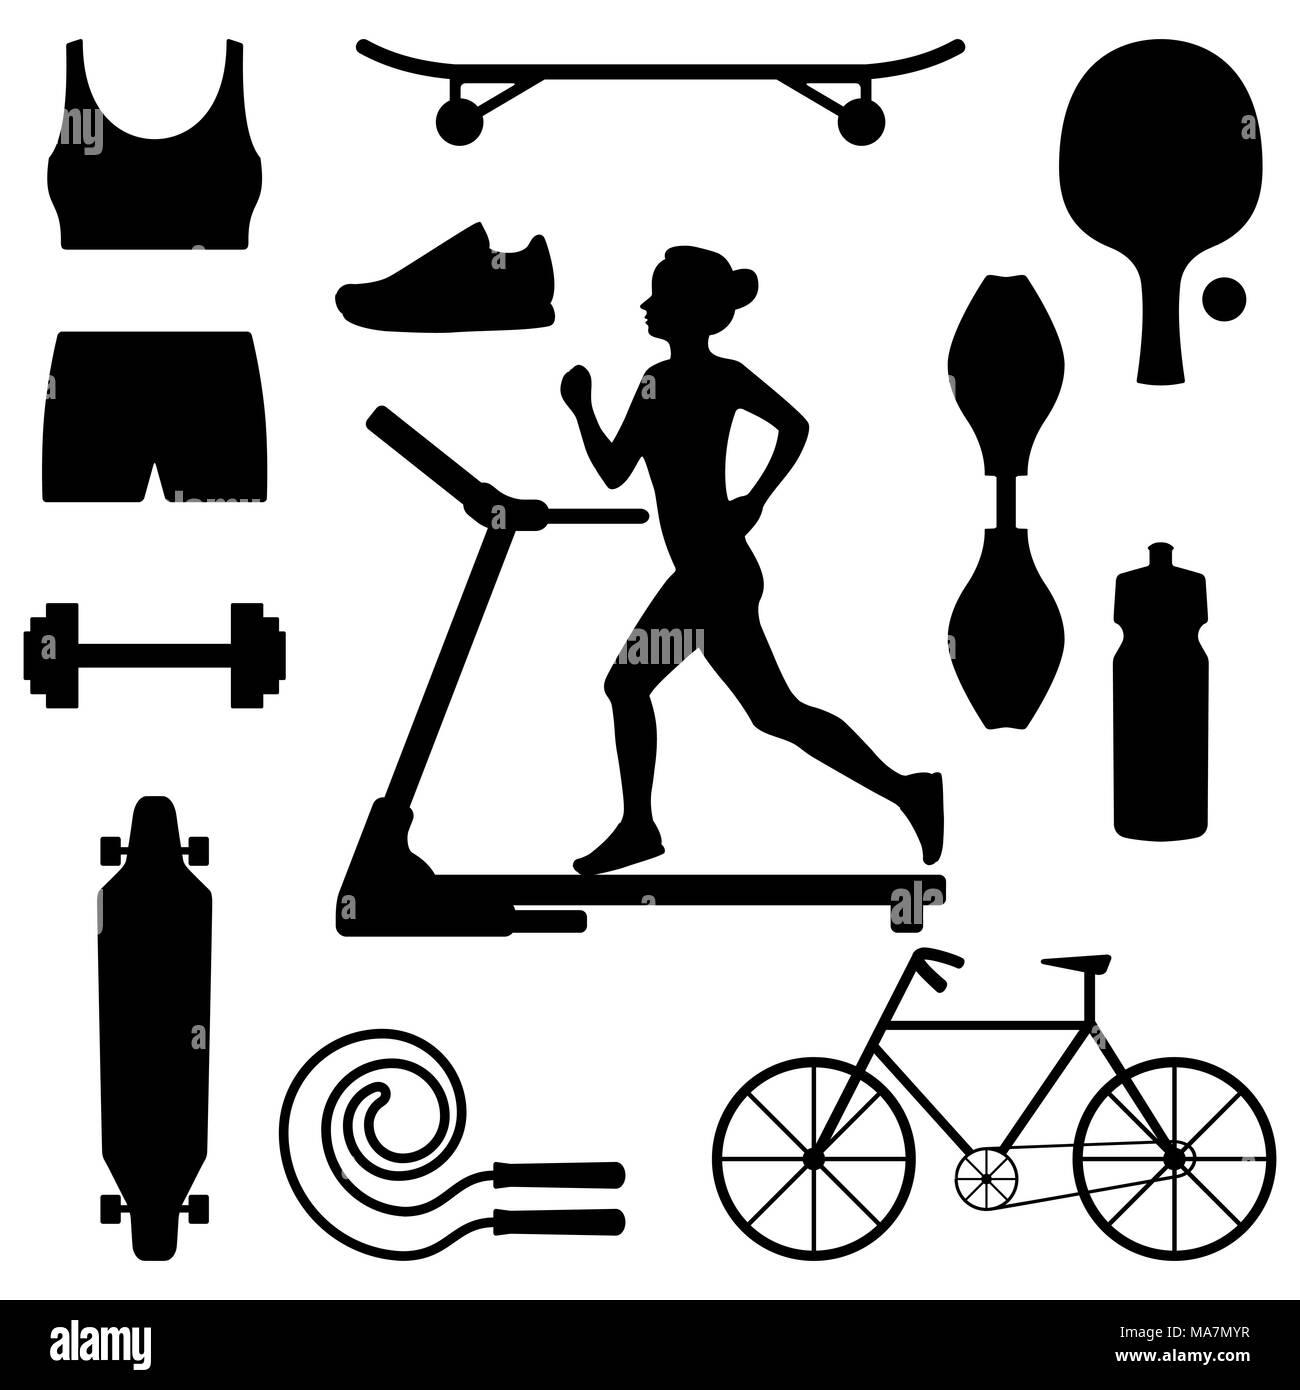 silhueta de uma mulher correndo em esteira rodeado por ícones de